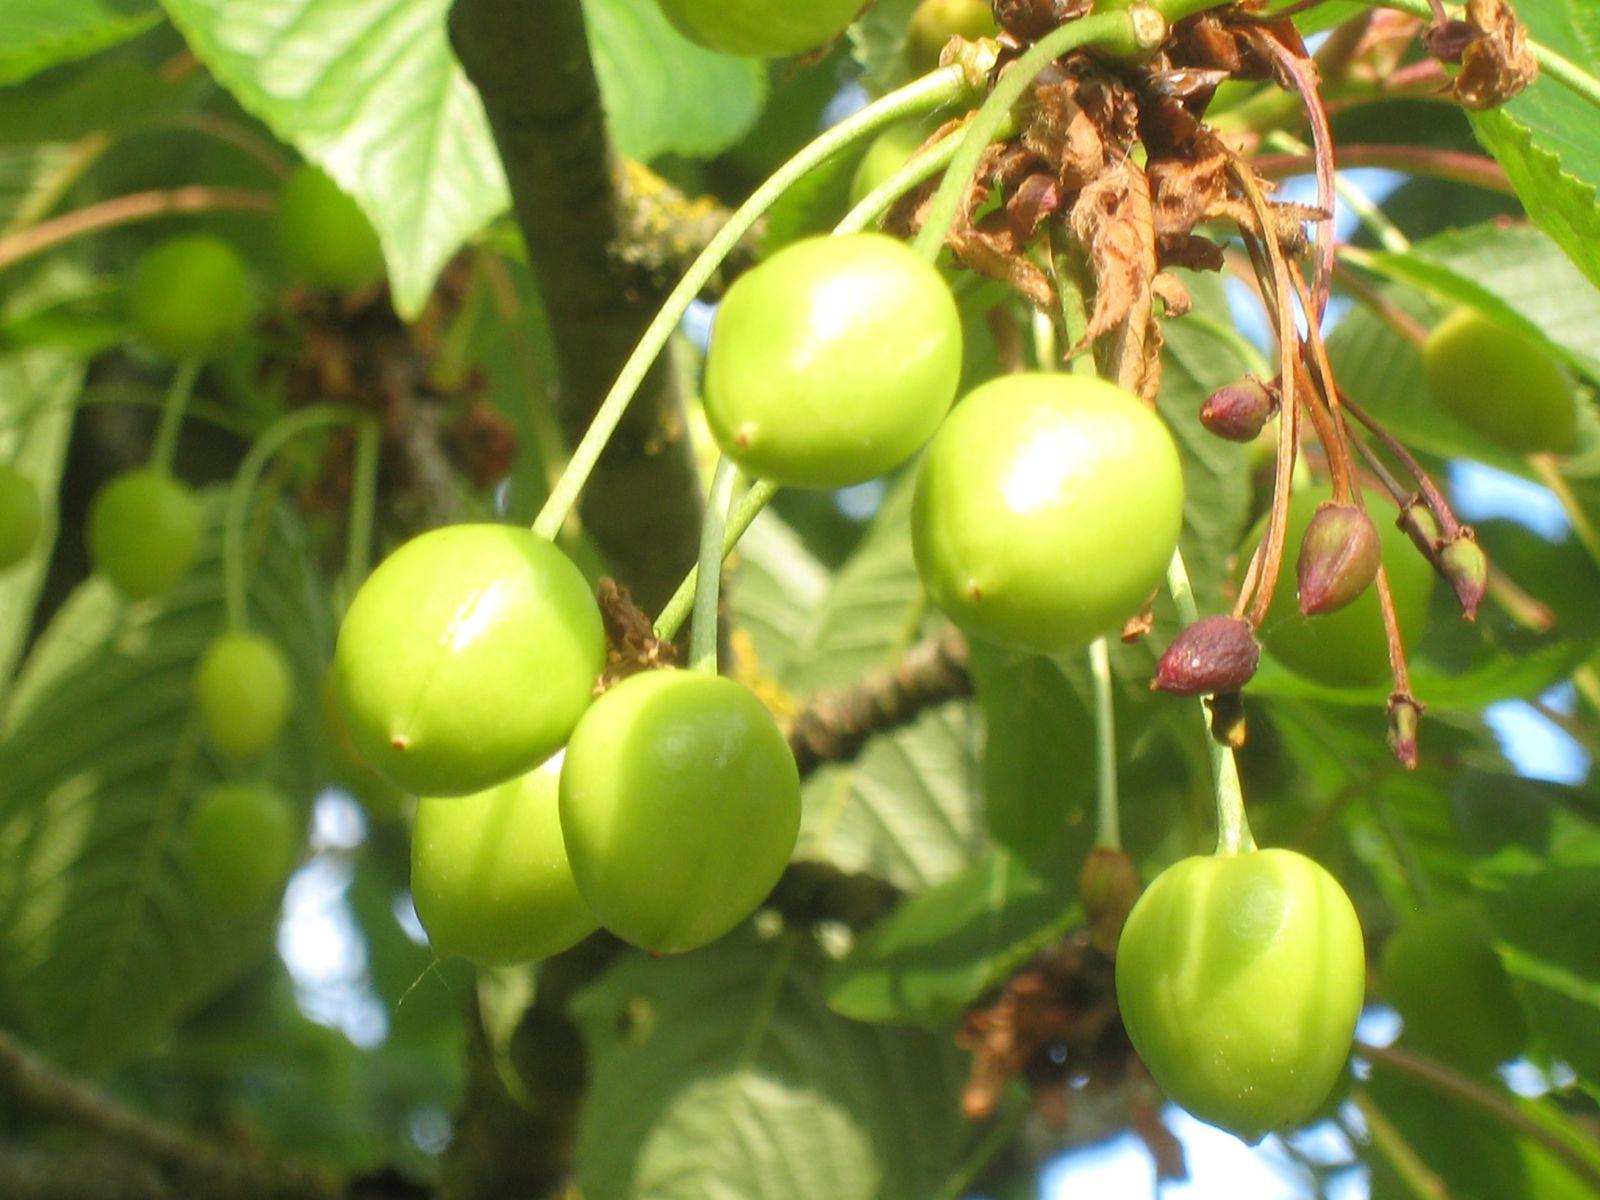 Cerises : la récolte s'nnonce bien